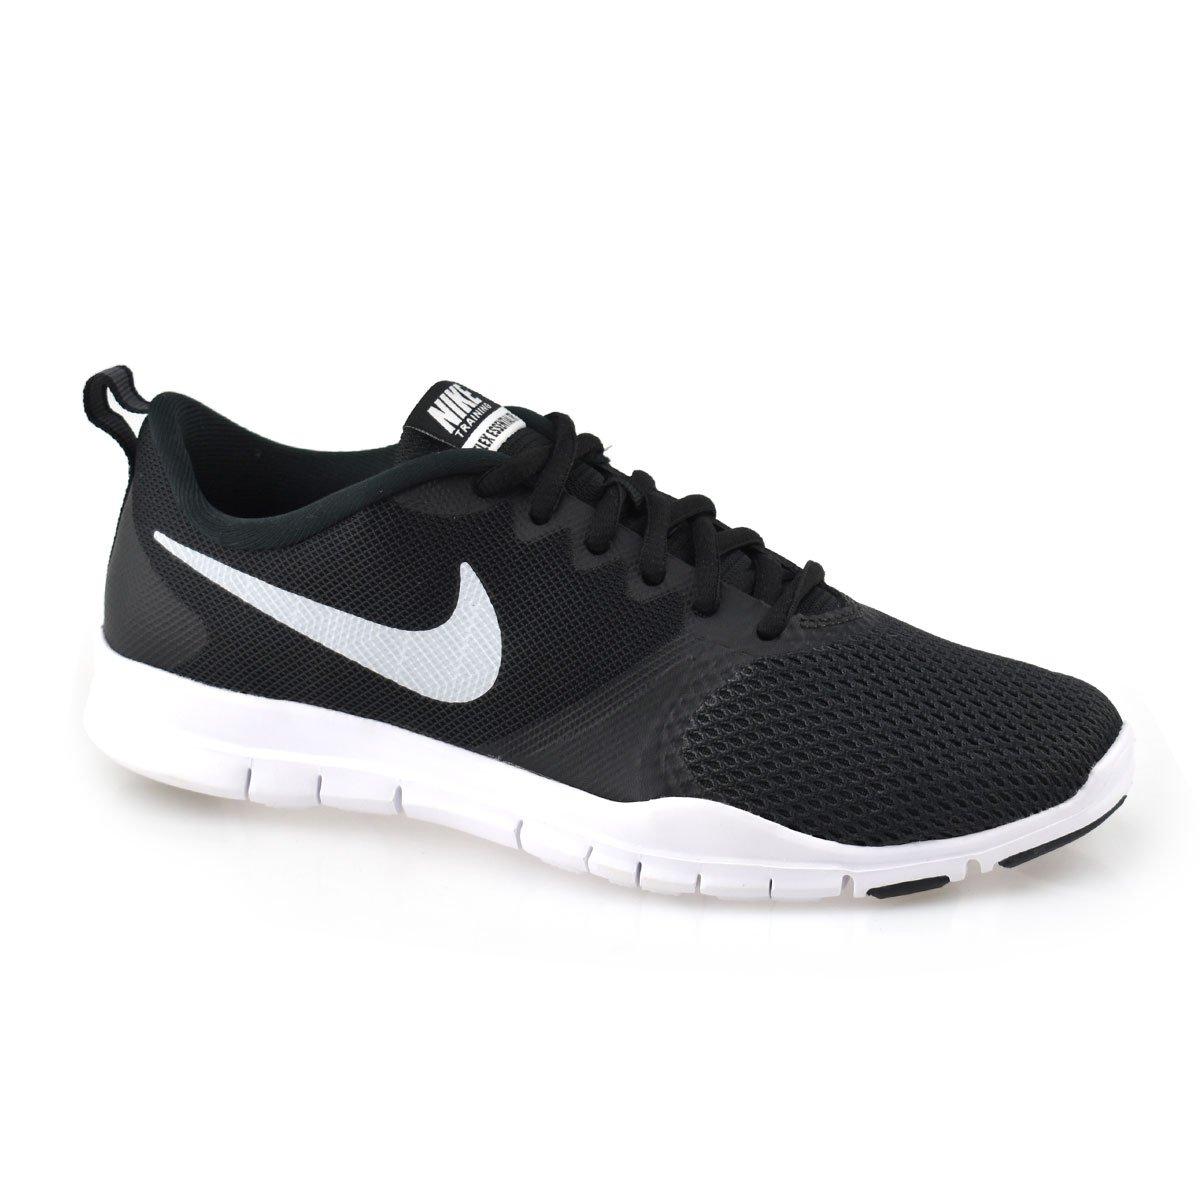 Tênis Feminino Nike Wmns Flex Essential Tr 924344 001